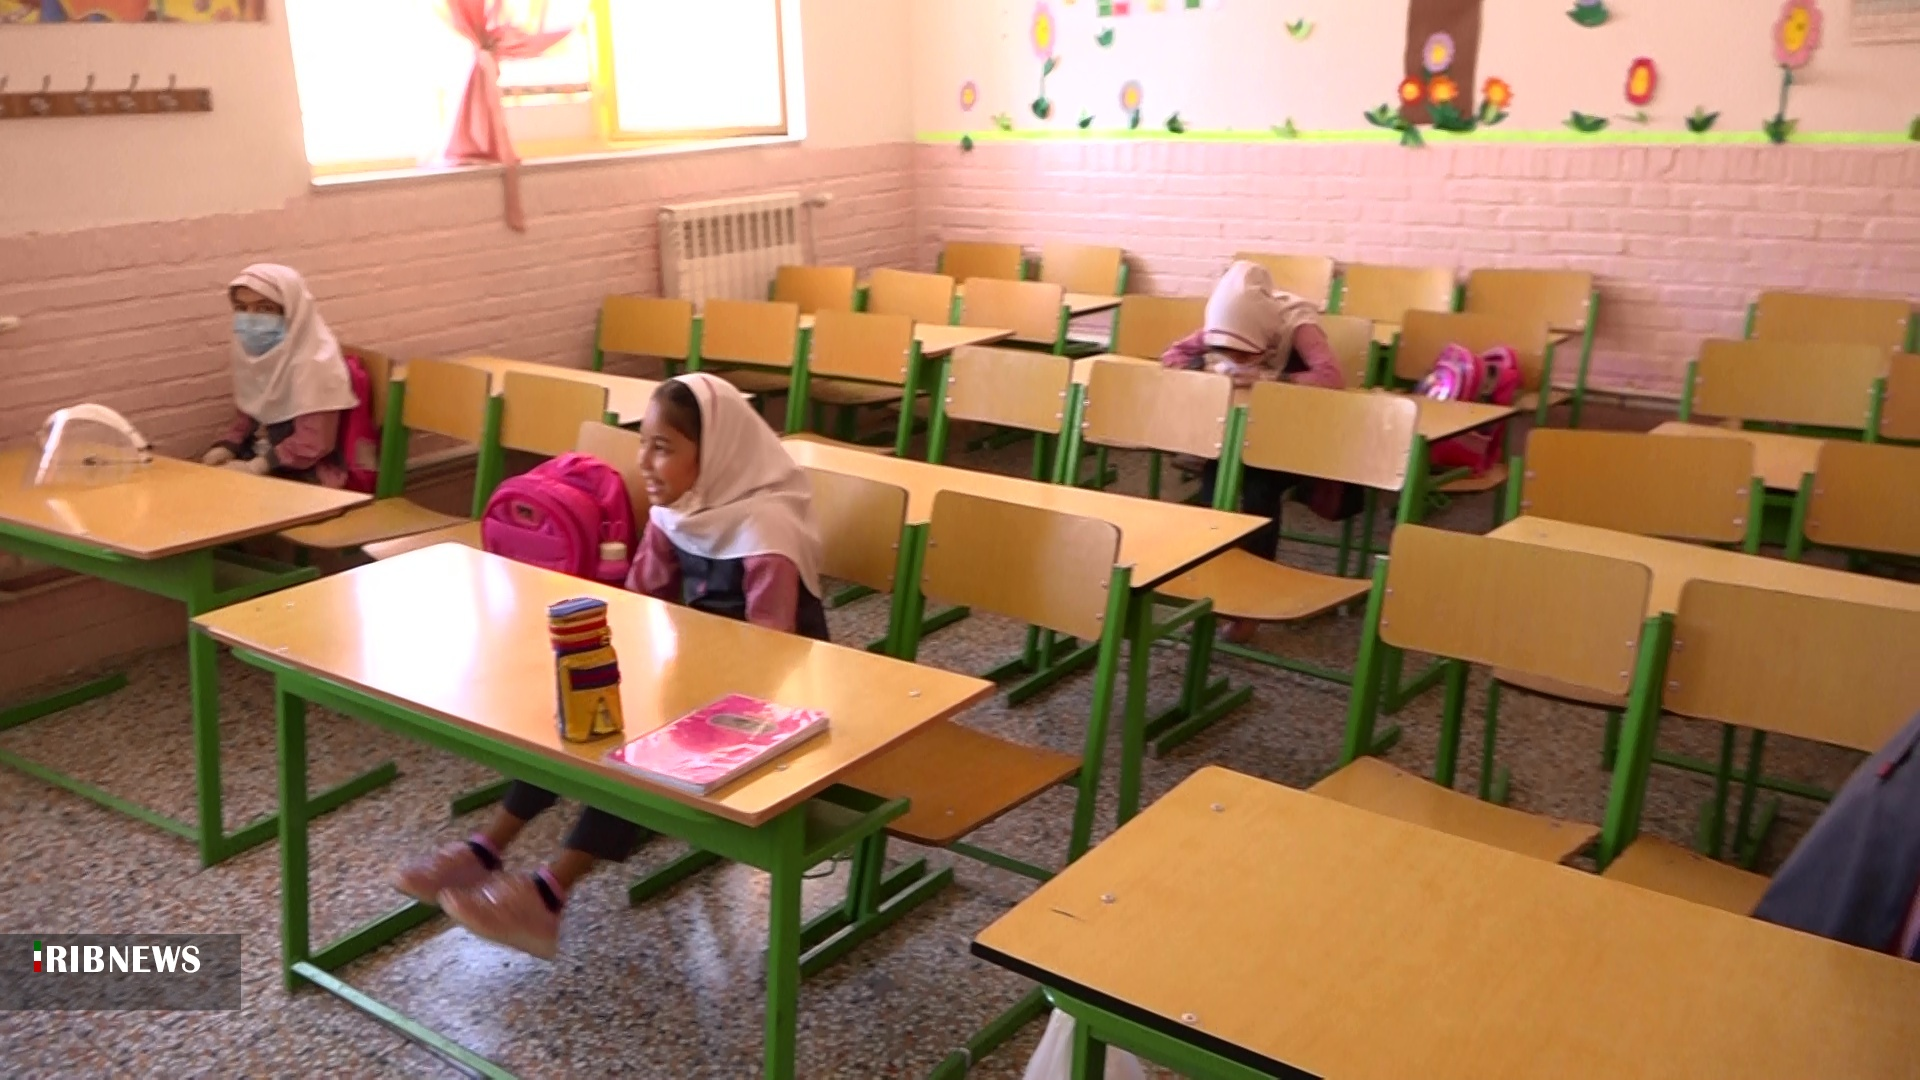 دایرشدن ۹۰ درصد کلاسهای درس در اولین روز بازگشایی مدارس